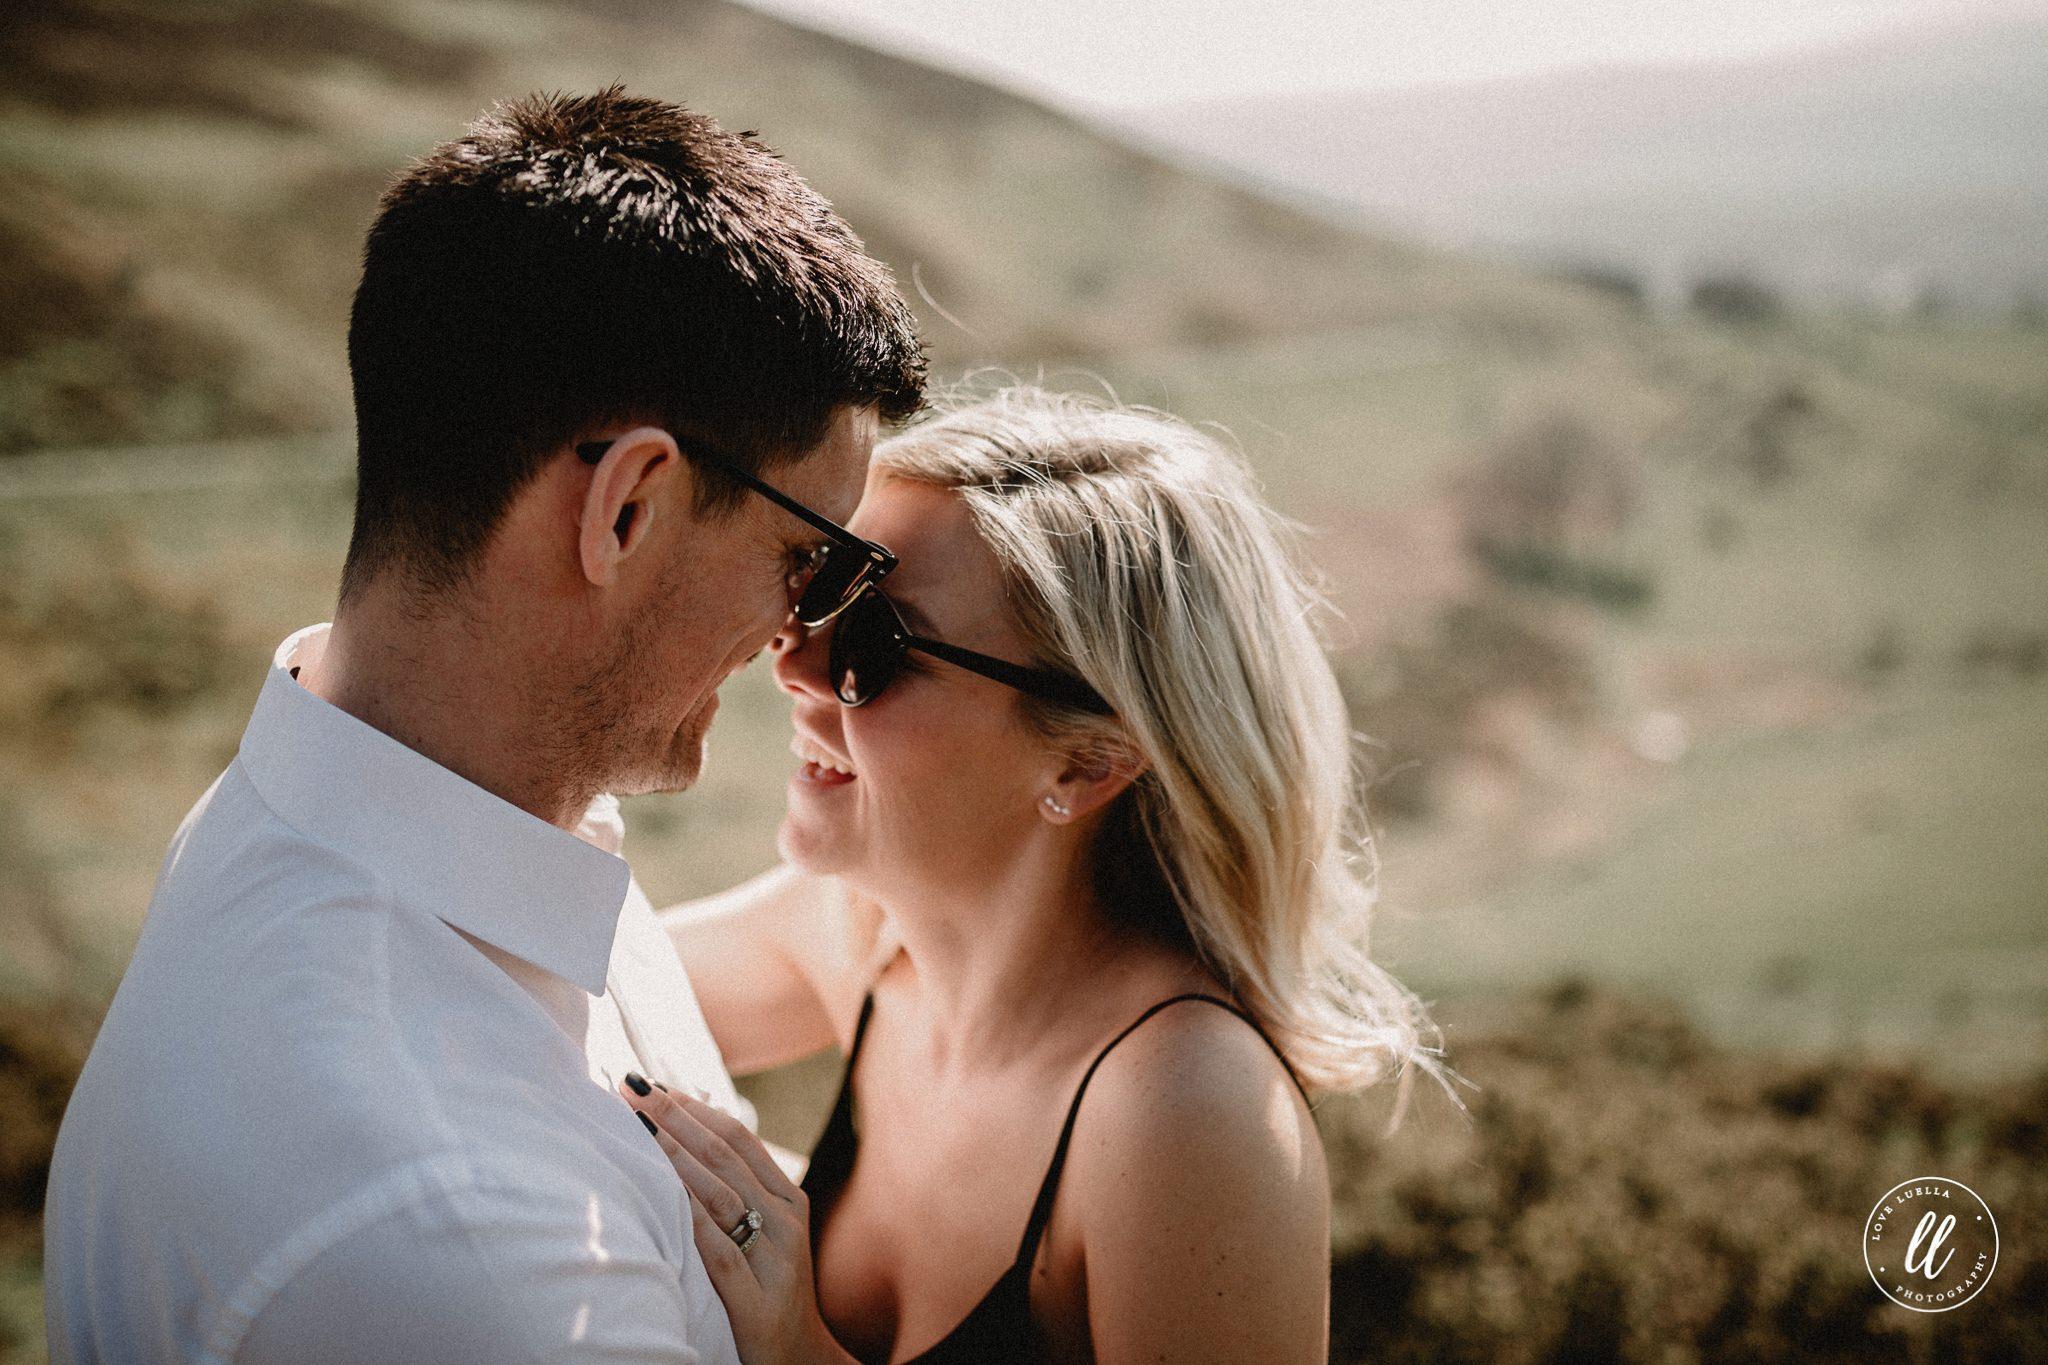 Cheshire Couple Shoot - Watermark-162.jpg